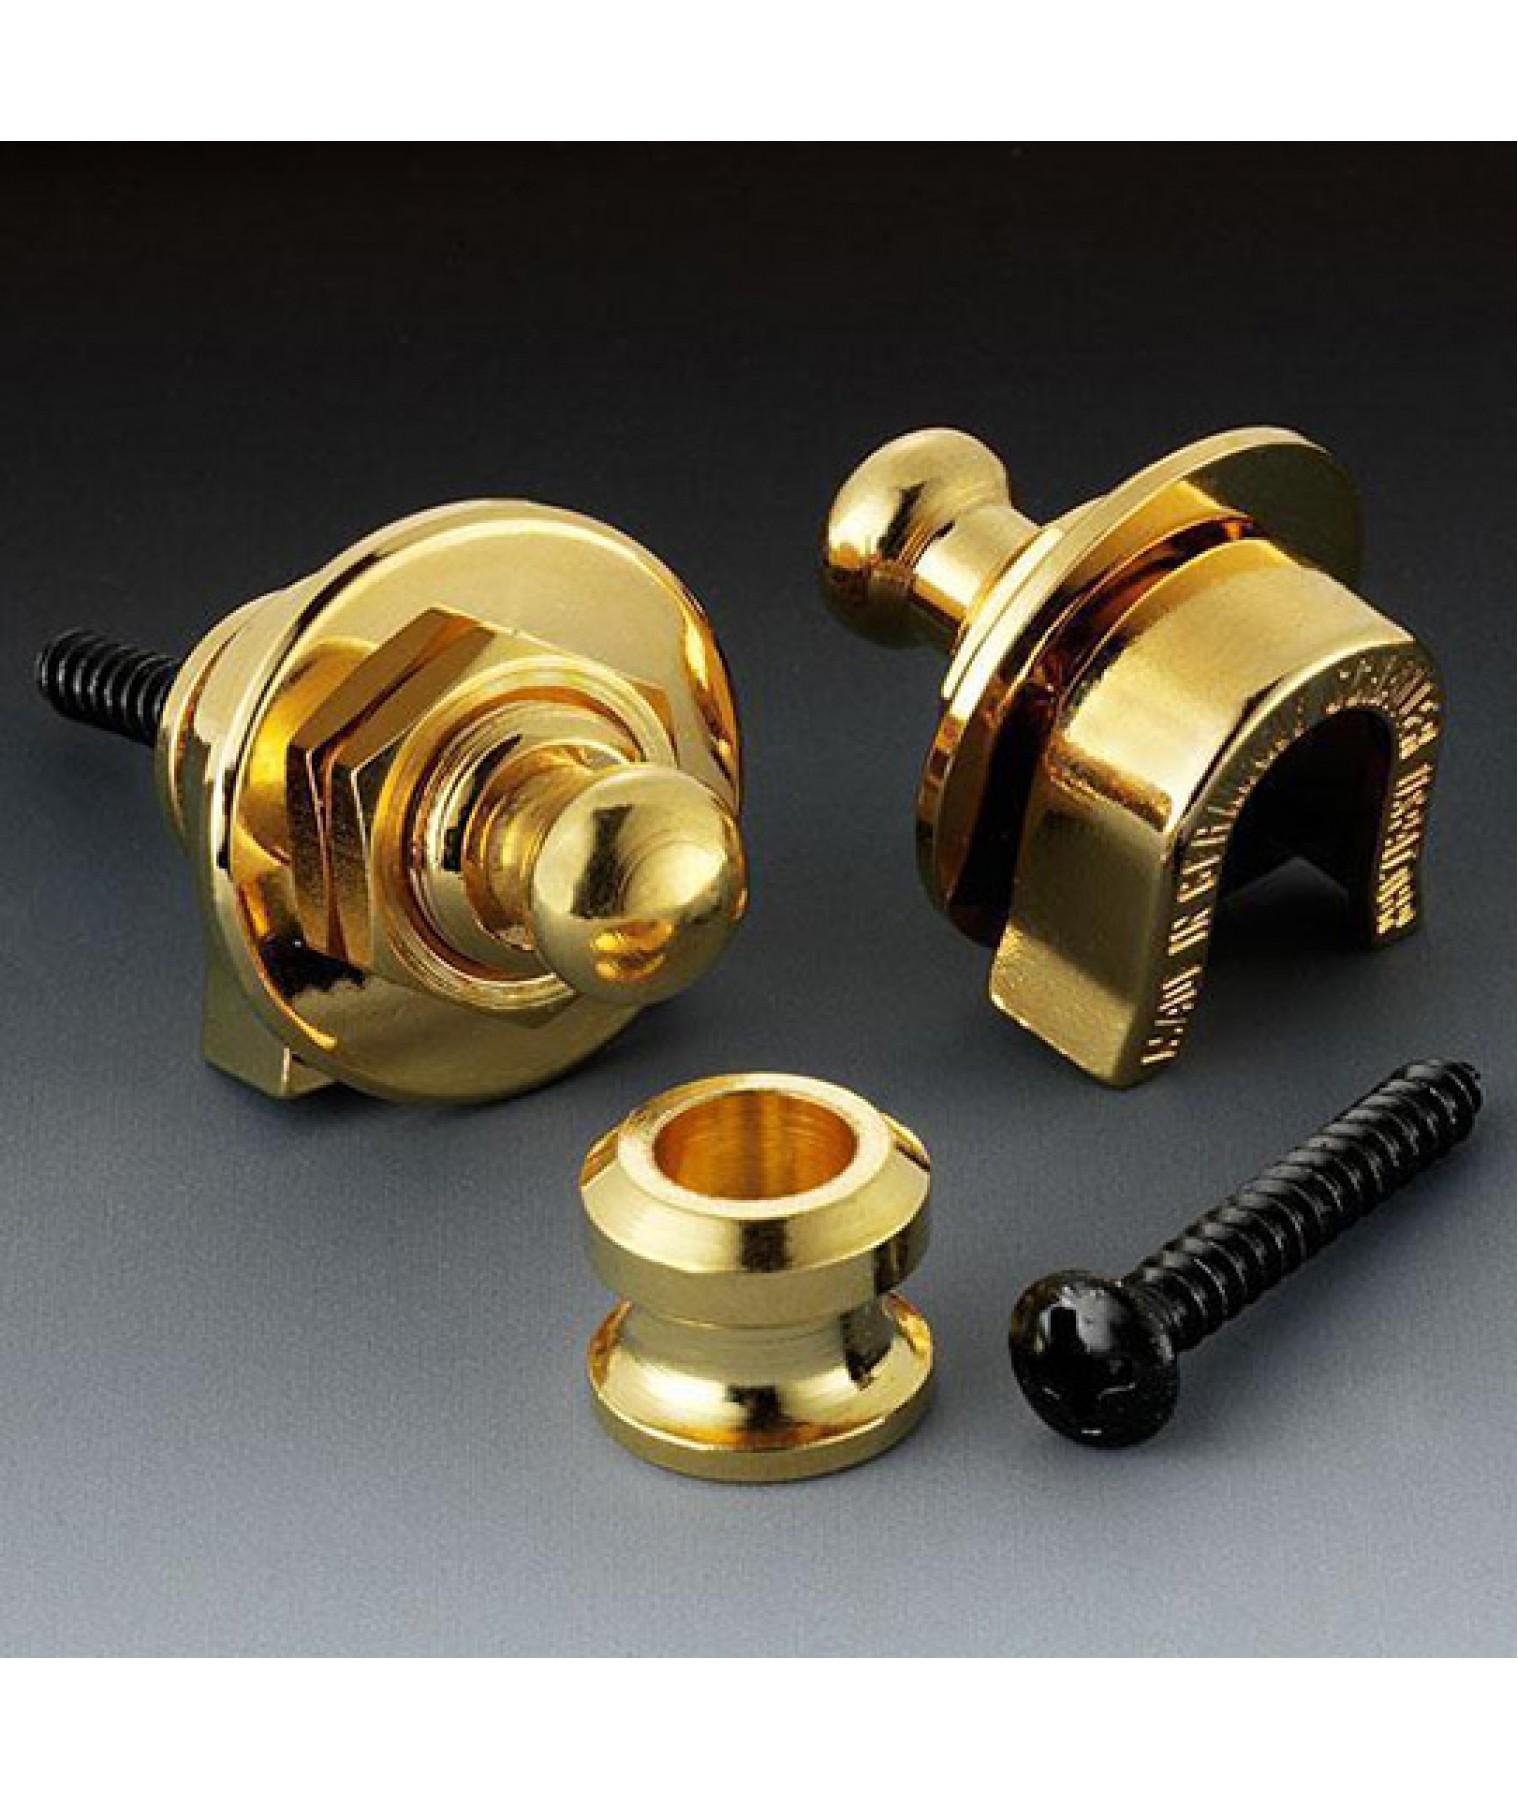 Schaller Strap Lock : schaller strap lock set gold 10730 14010501 ~ Vivirlamusica.com Haus und Dekorationen